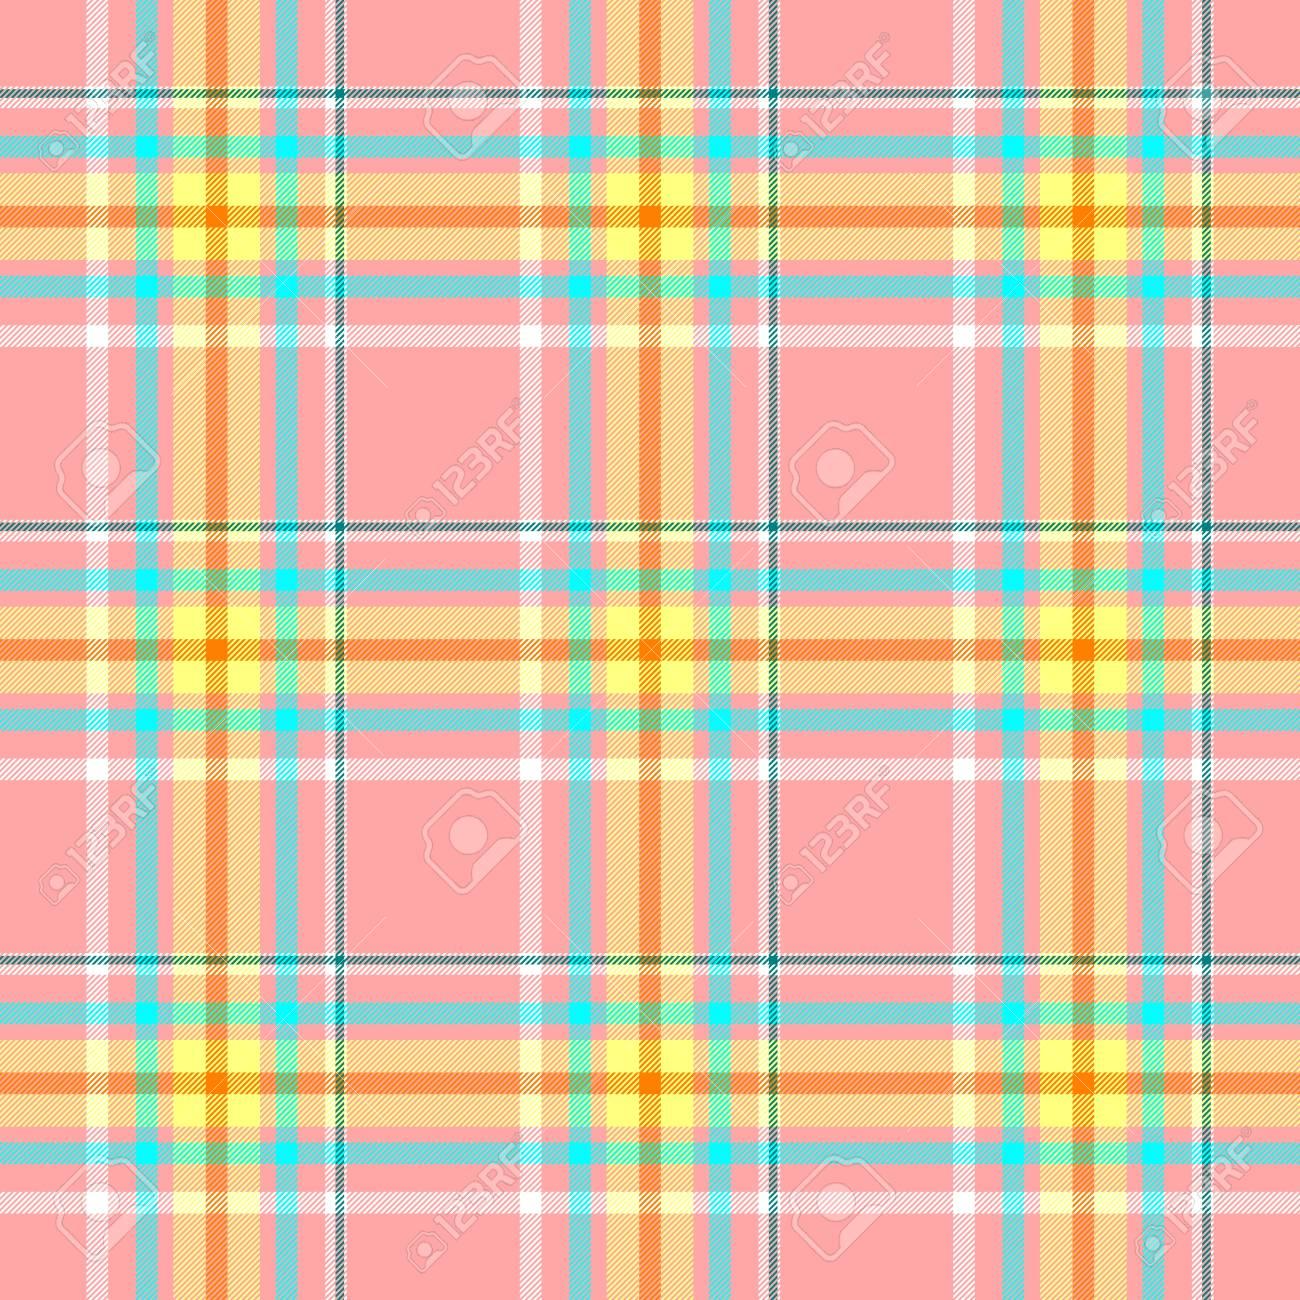 08f6e0db9 Compruebe la tela escocesa del escocés del tartán del diamante fondo  inconsútil de la textura del modelo - color rosado, amarillo, azul y ...